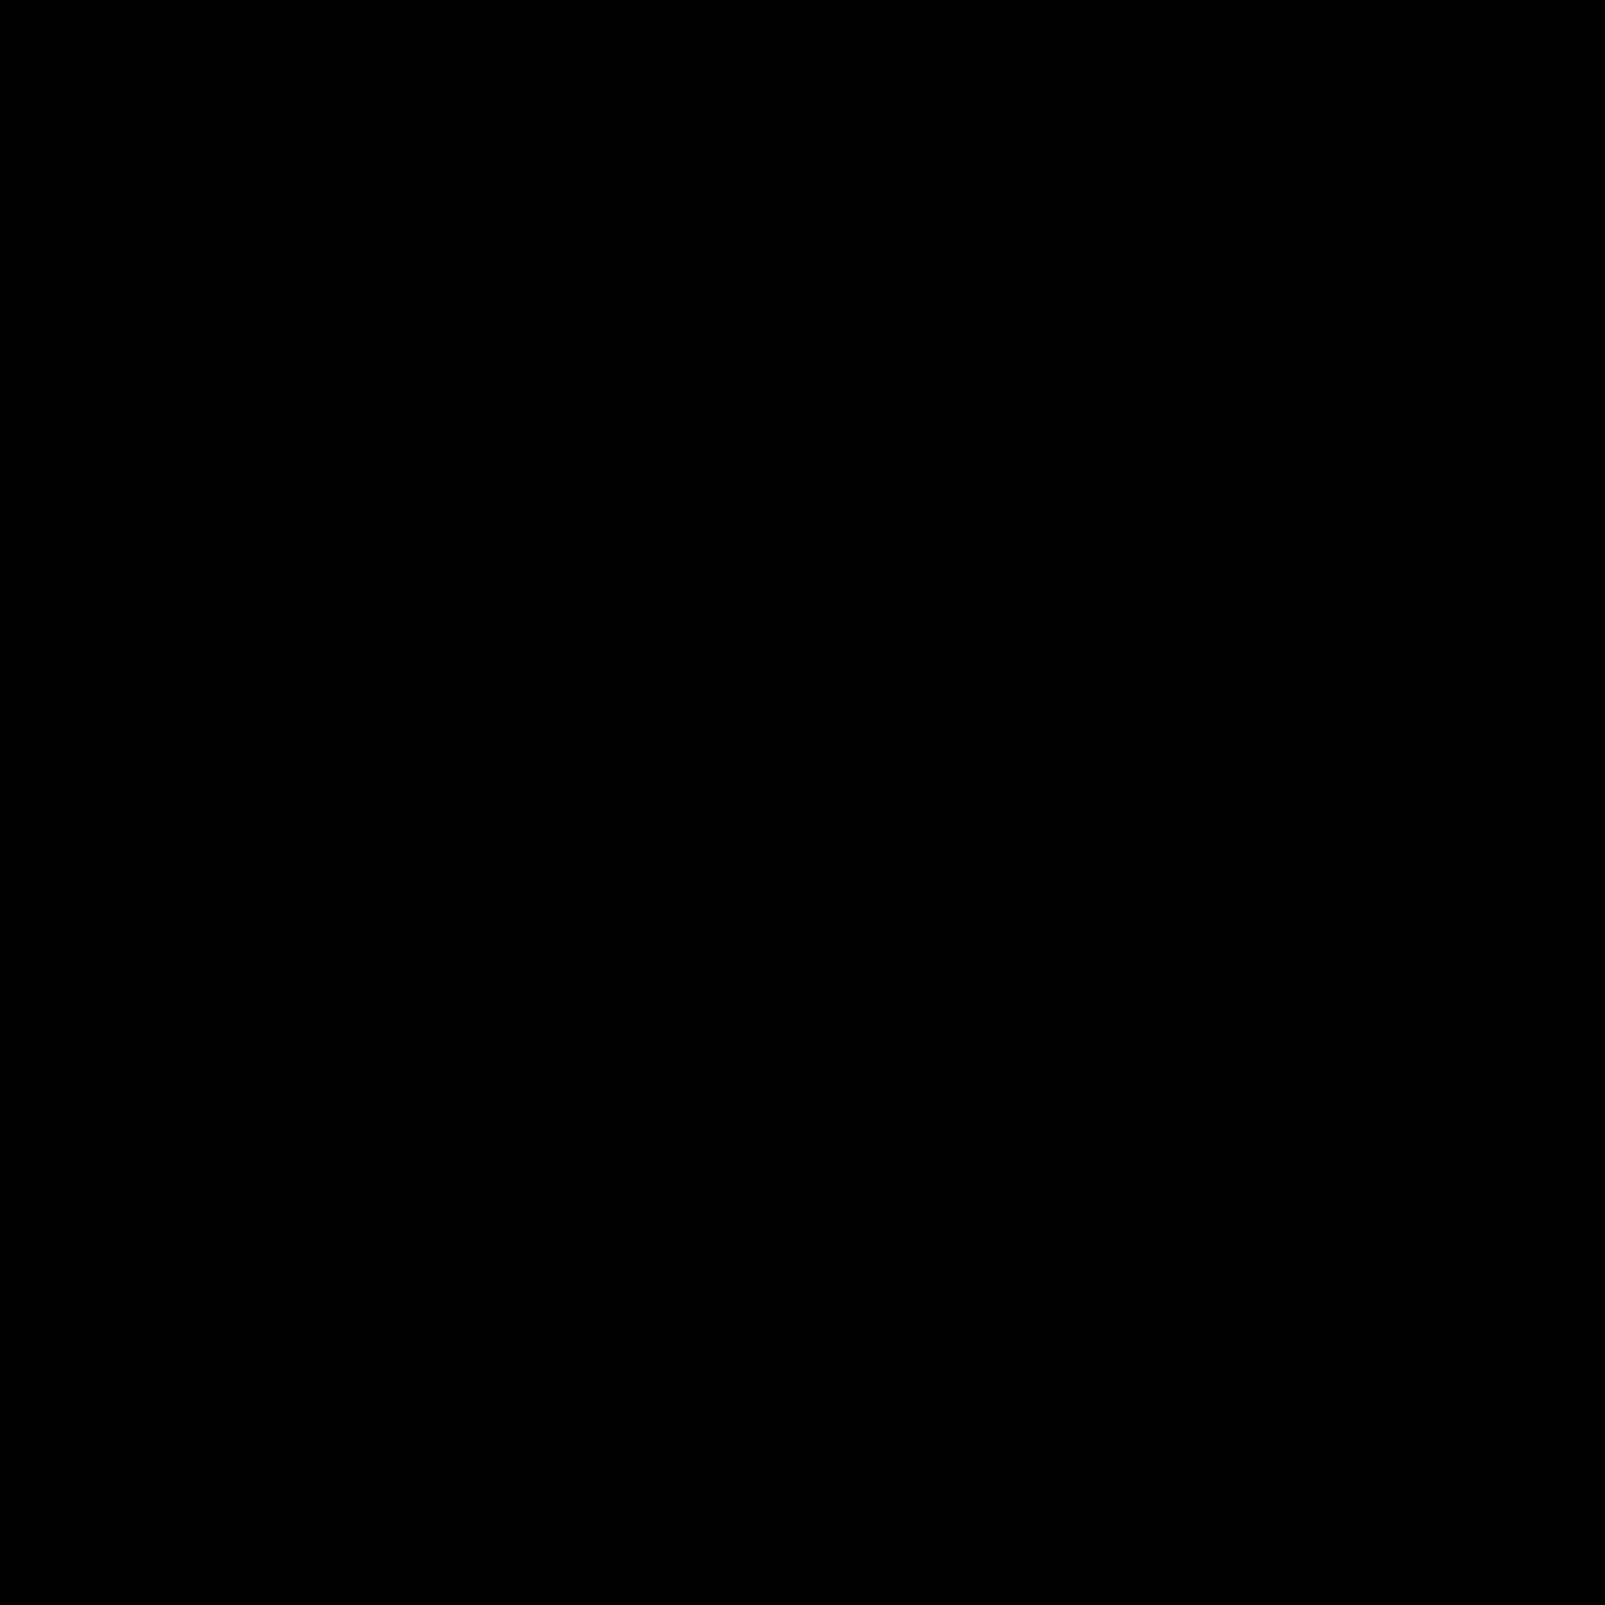 WYSSEN DEFENCE Mündungsbremse/Feuerdämpfer KFH für AK47